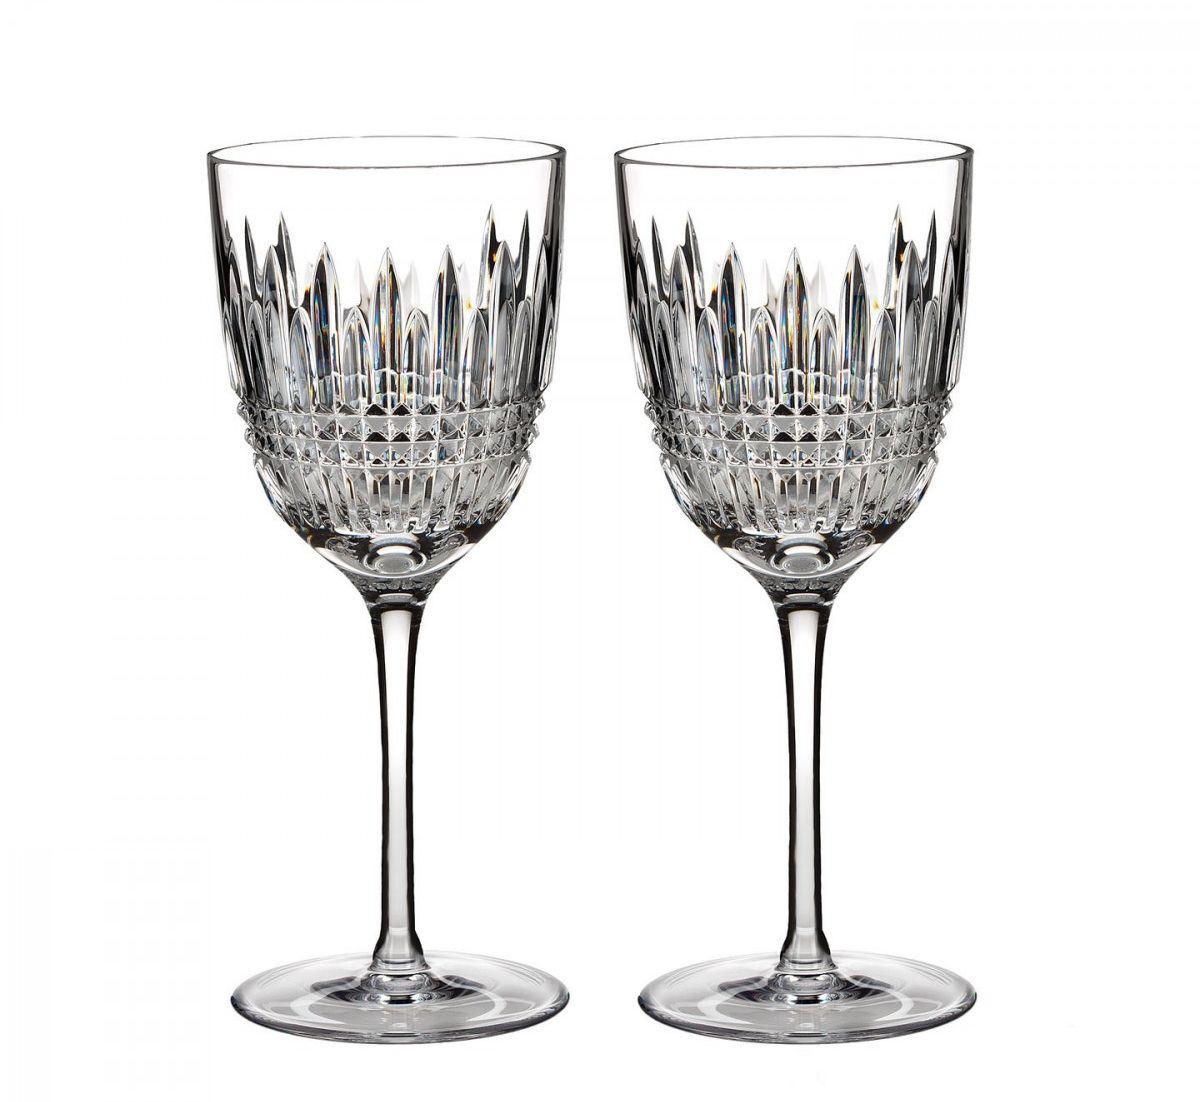 Waterford Lismore Diamond Witte wijnglas - set van 2